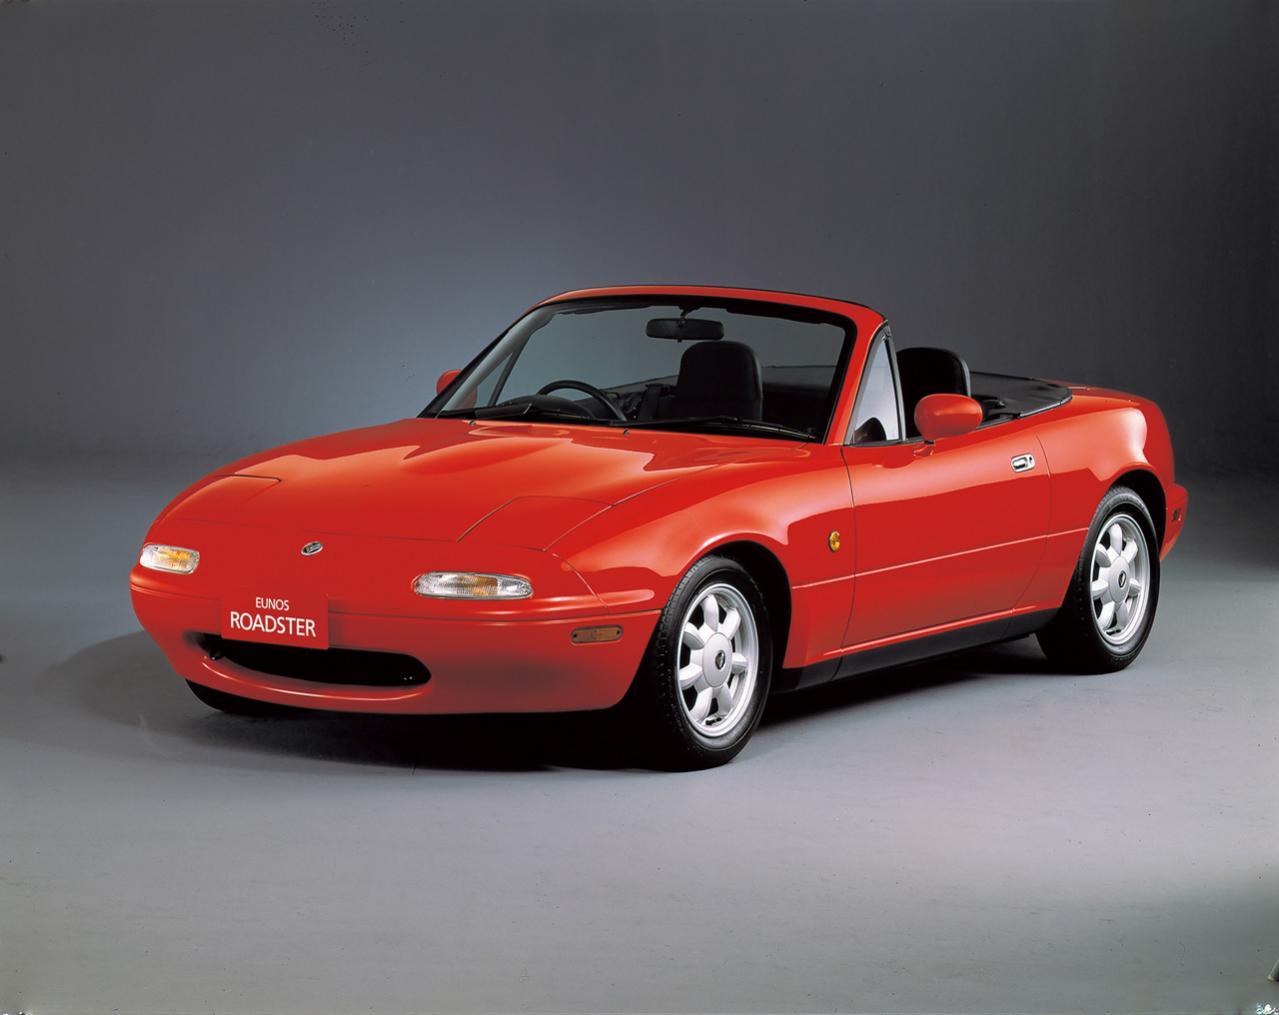 マツダの初代ロードスター(NA型)が「2019日本自動車殿堂 歴史遺産車」に選定!  2003年のコスモスポーツに続く二度目